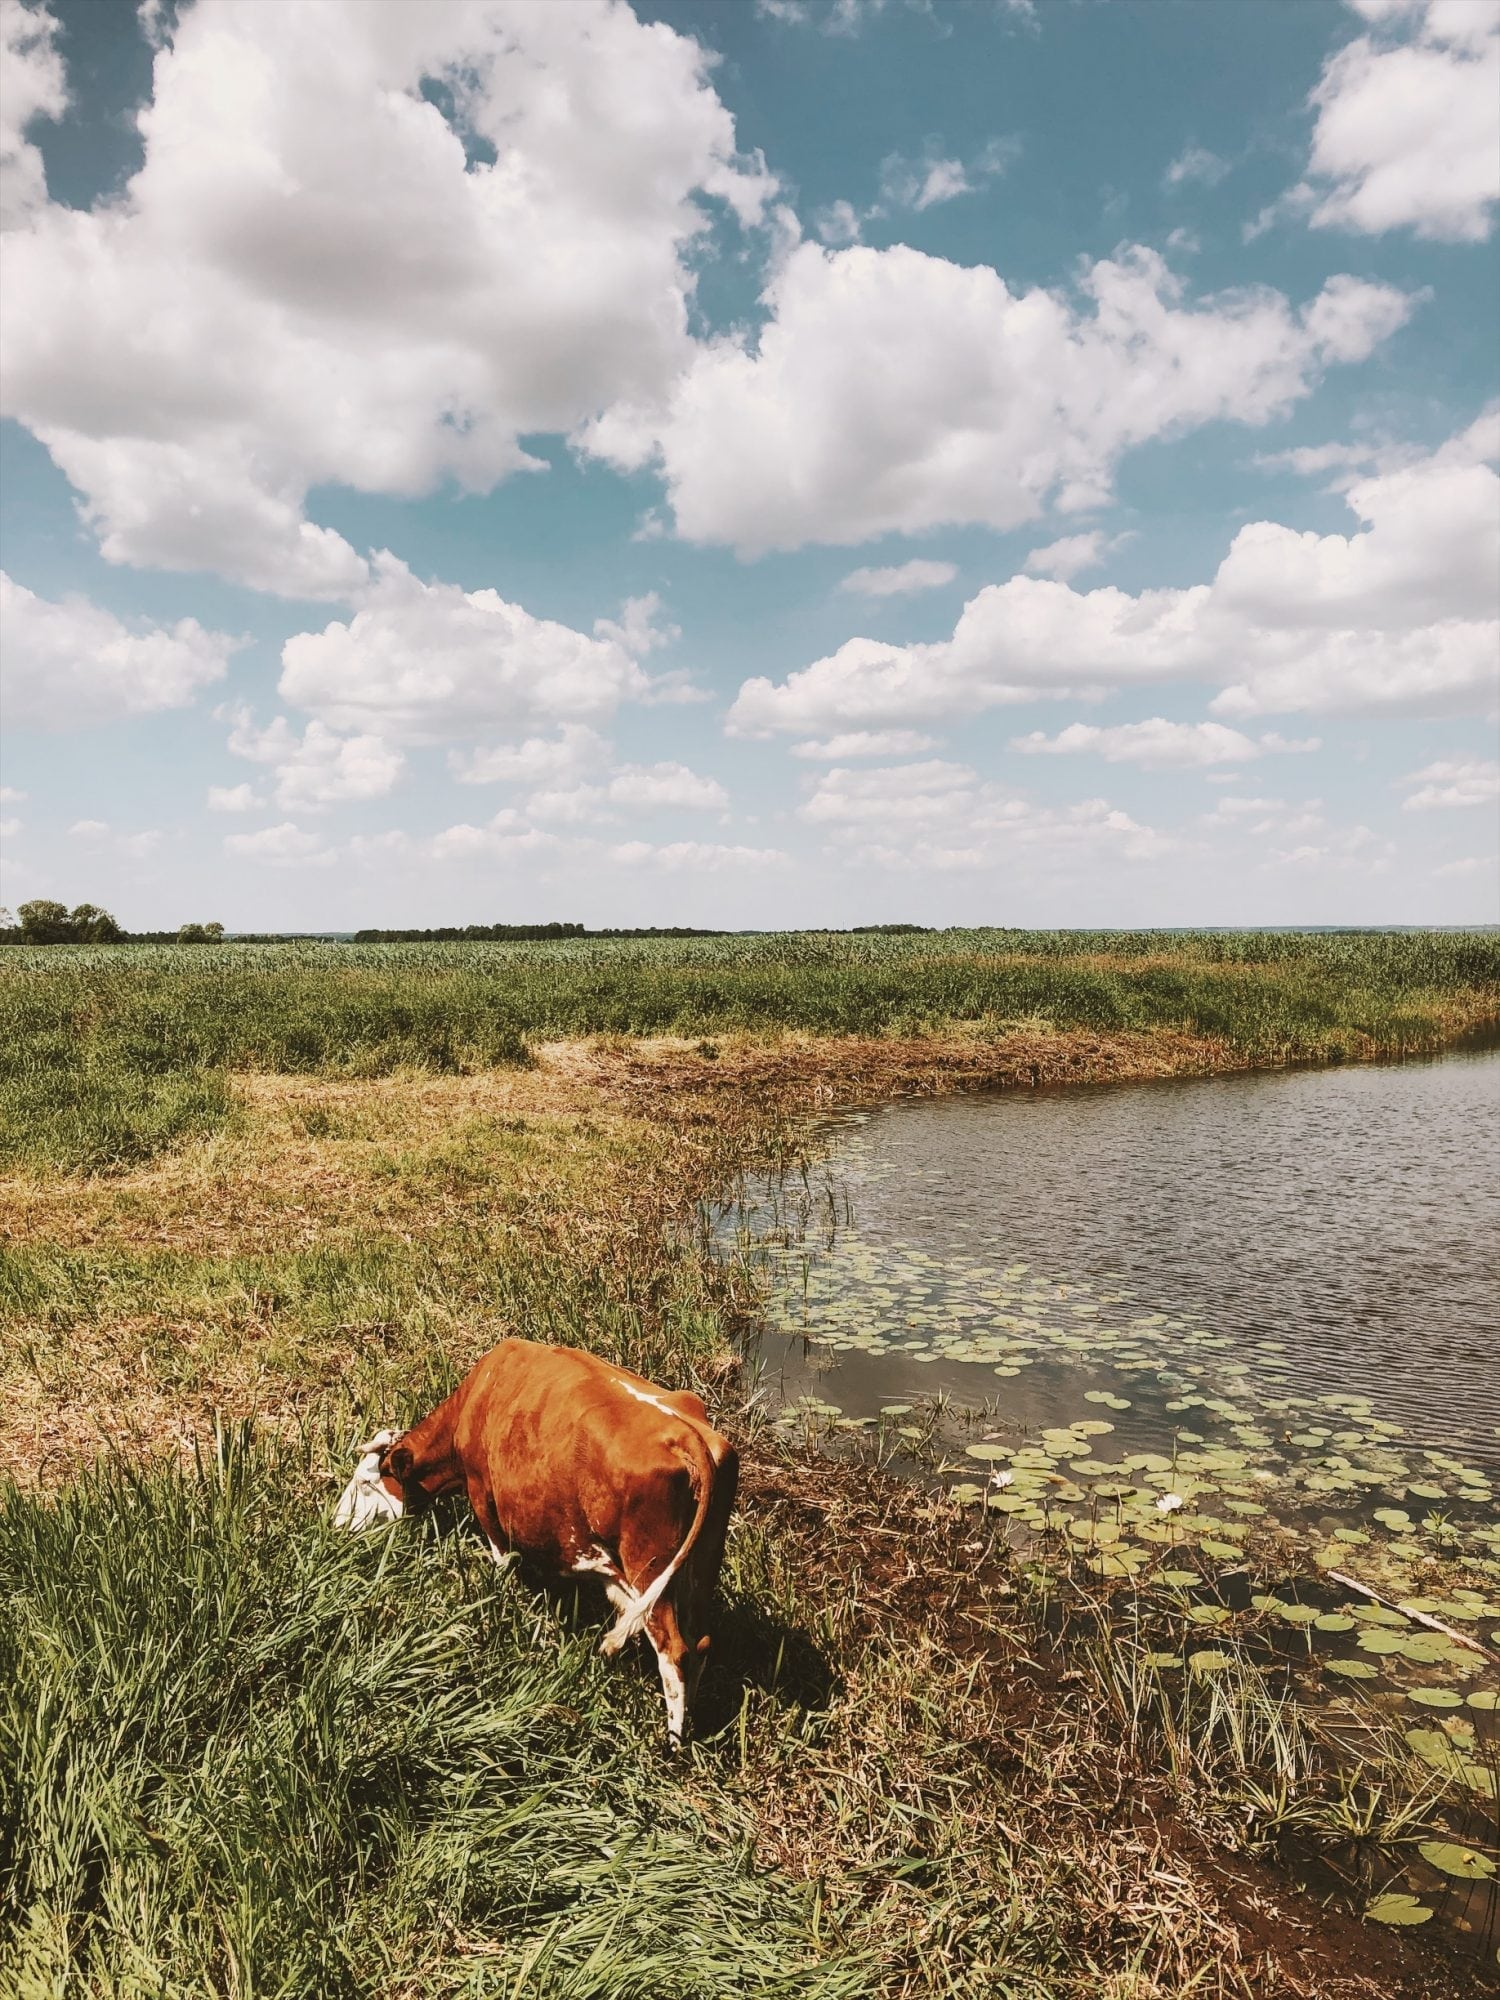 rozlewisko narwi krowa, lilie, chmury, rzeka, podlaskie neverendingtravel.pl